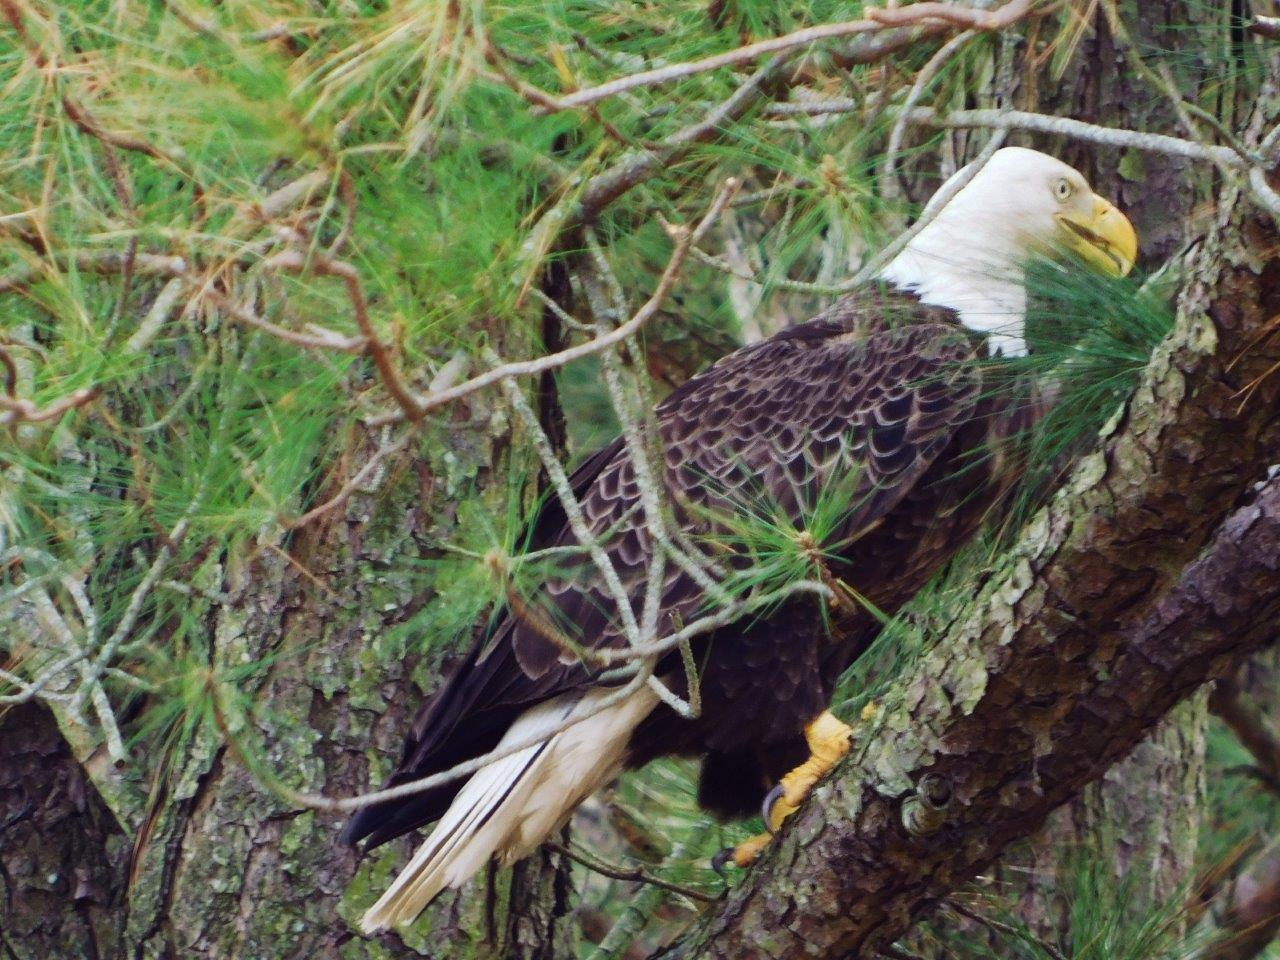 27. Bald Eagle